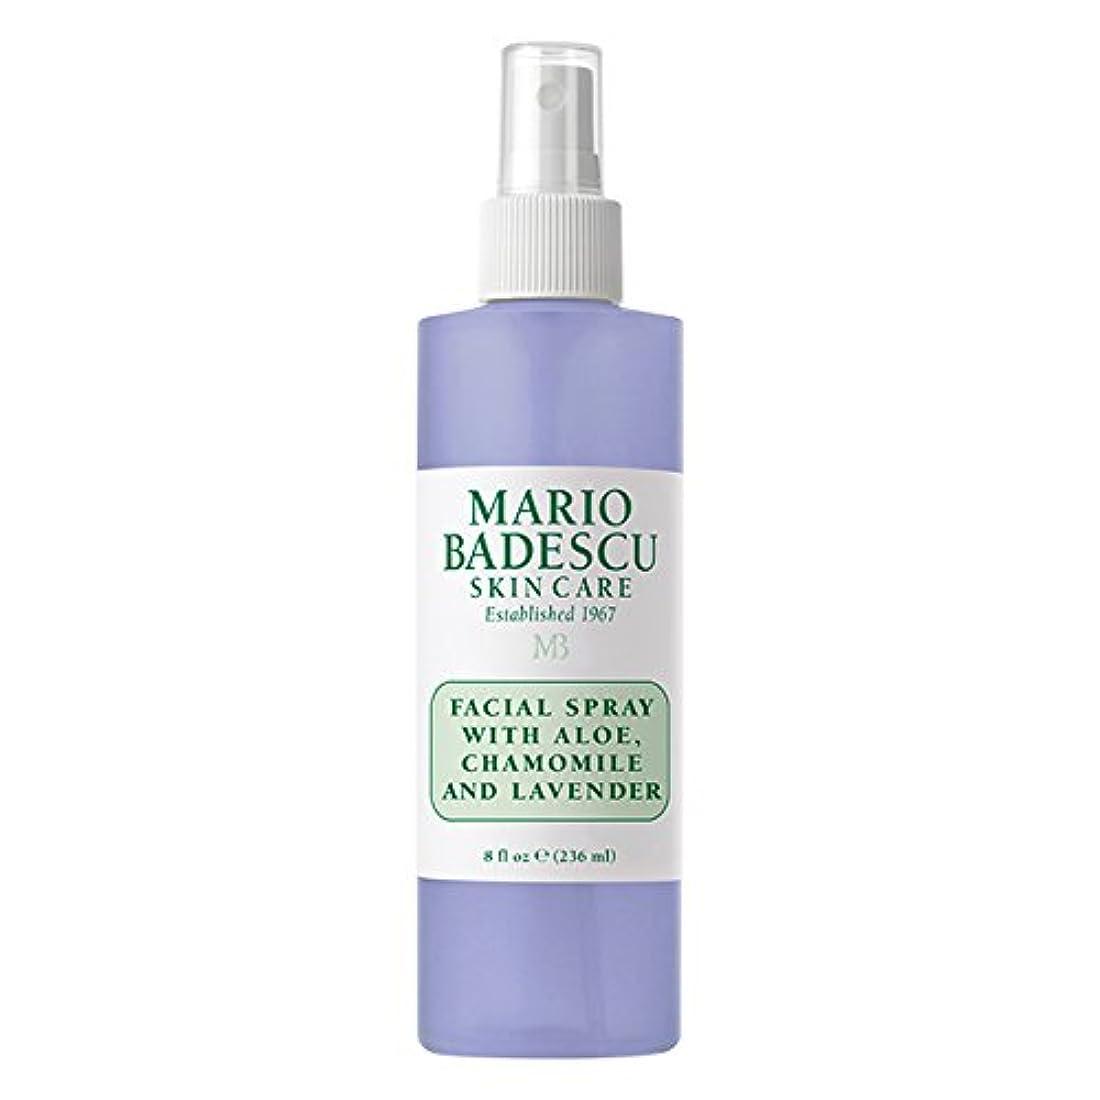 エクスタシー否定するちっちゃいマリオ バデスク Facial Spray With Aloe, Chamomile & Lavender 236ml/8oz並行輸入品